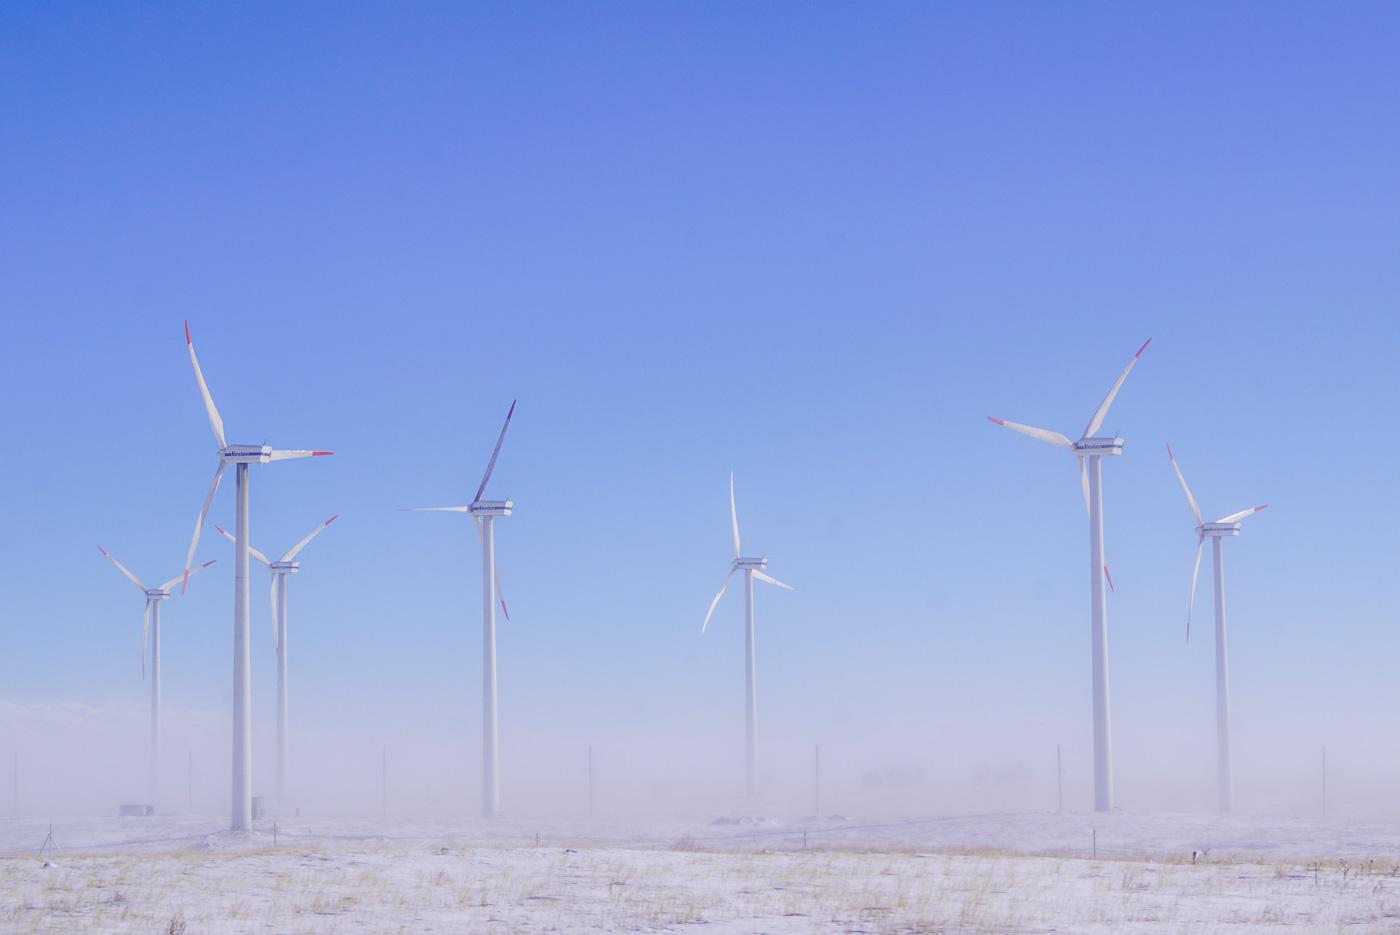 Zu sehen ist eine vom Frühnebel schneebedeckte Steppe. aus dem Nebel erheben sich 7 riesige Windräder.